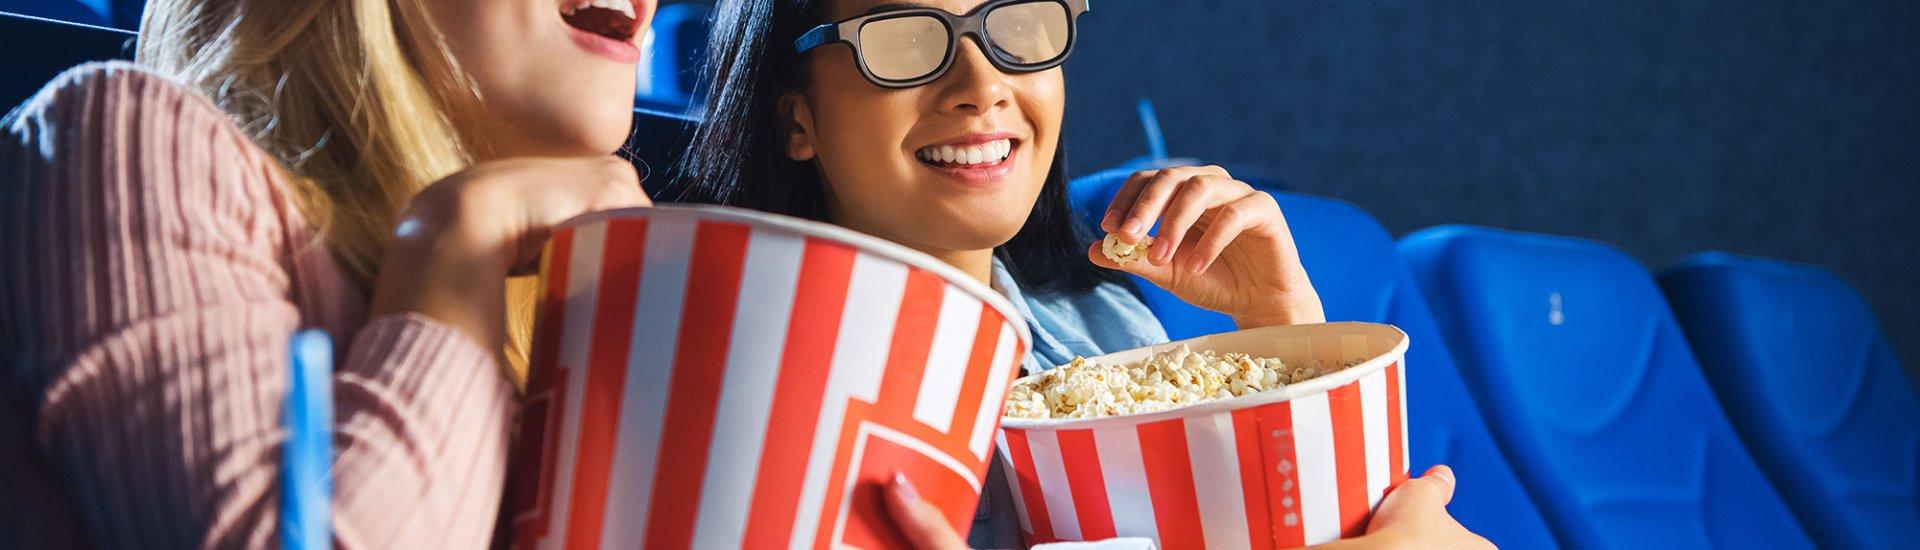 Dzień Kobiet * Przyjaciółki, film, lody i prosecco!